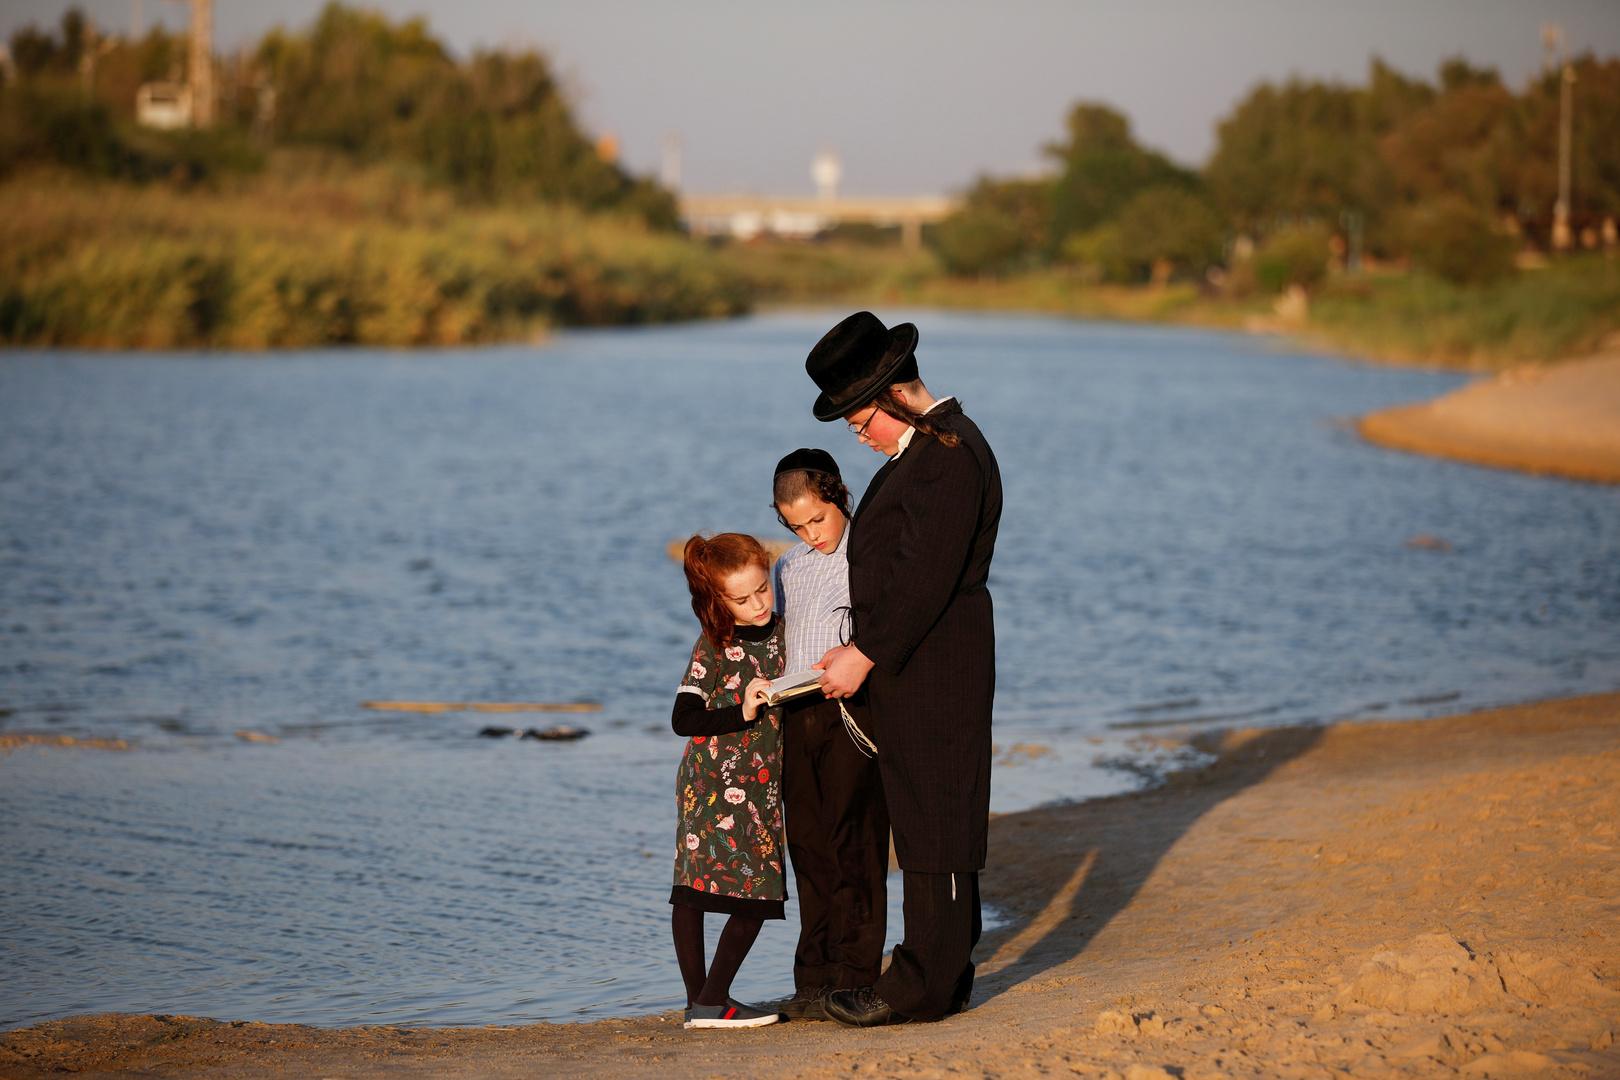 إسرائيل تسعى لحصر وتقييم أملاك اليهود المتبقية في الدول العربية